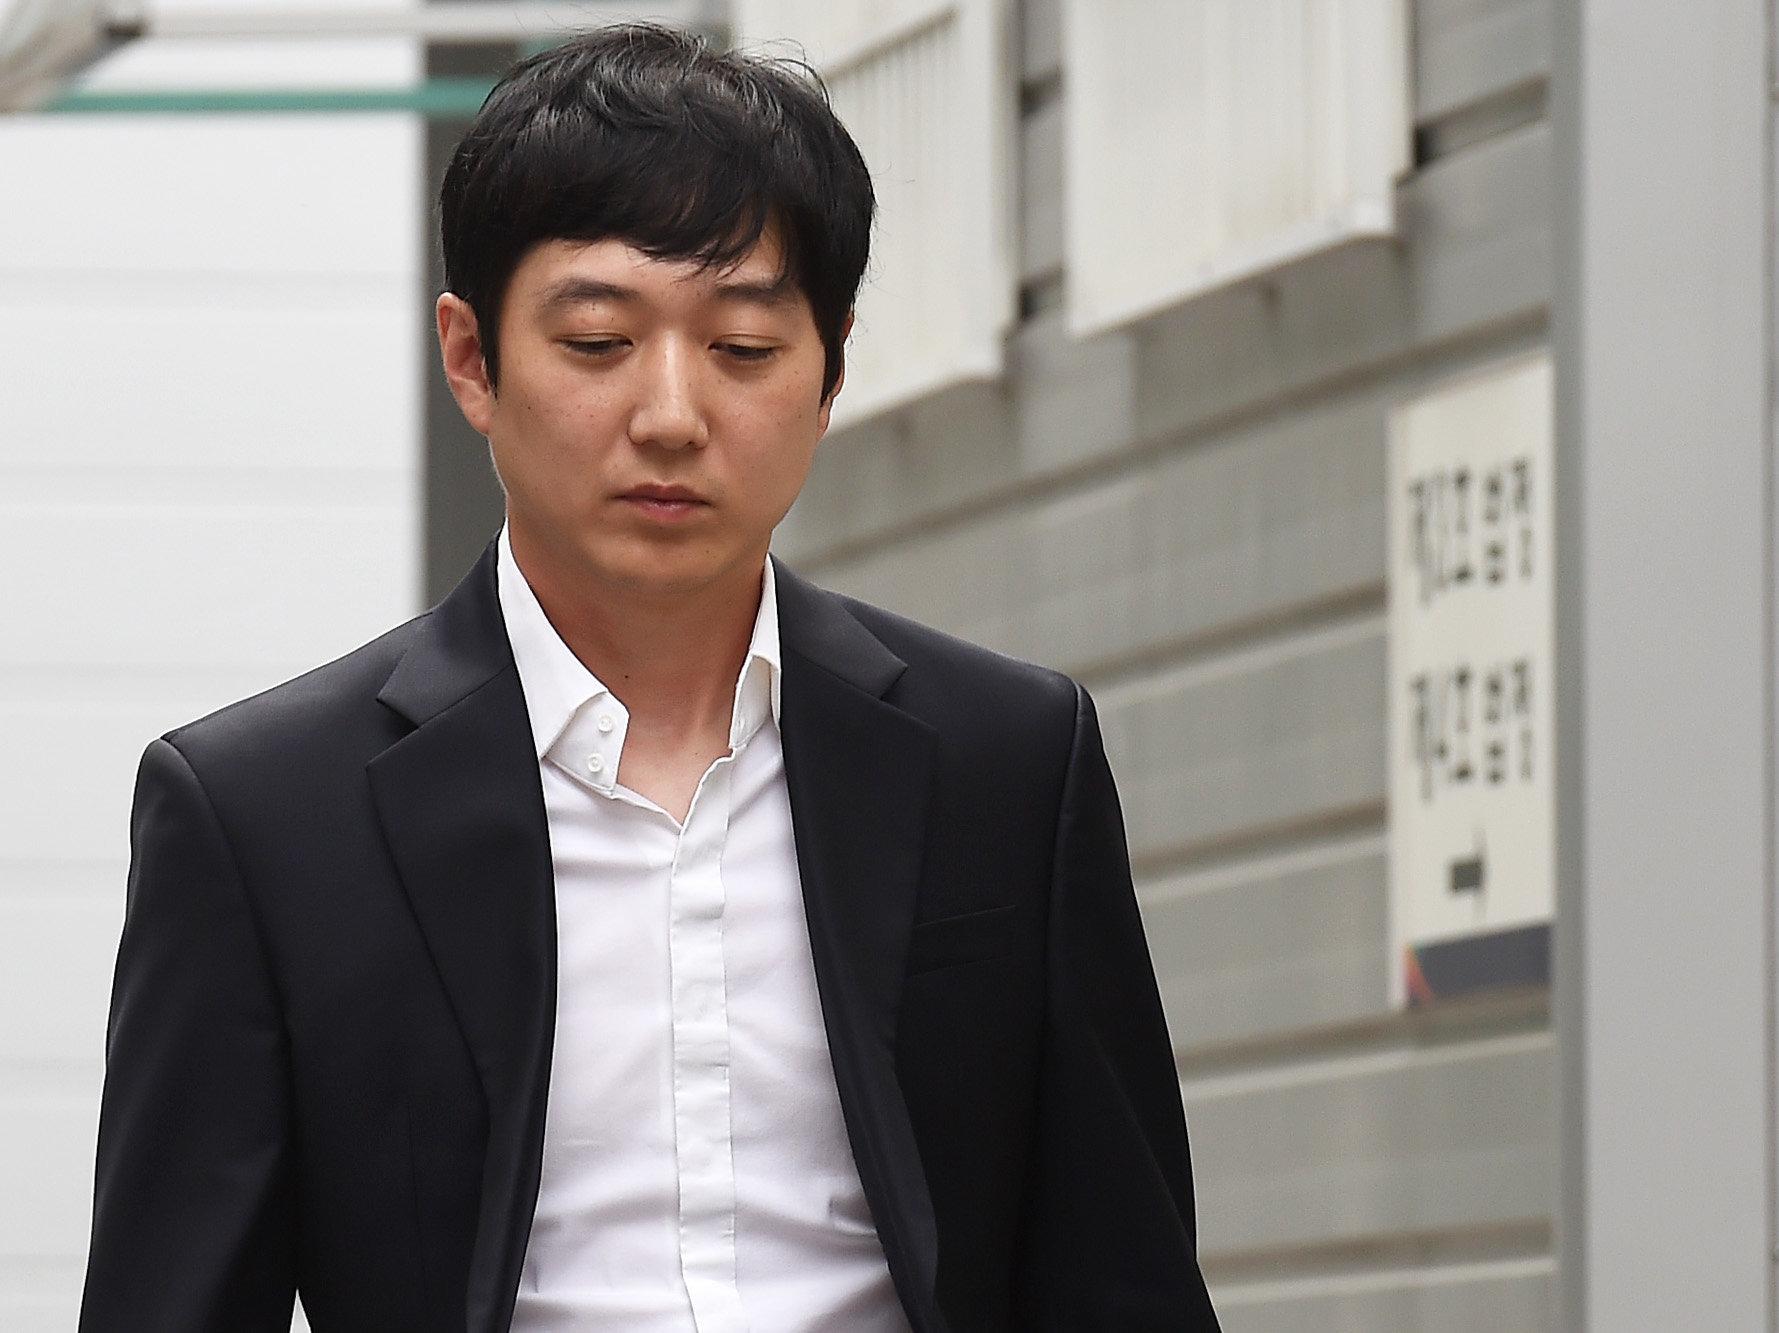 심석희 선수의 조재범 성폭행 고소가 그의 폭행 재판에 끼친